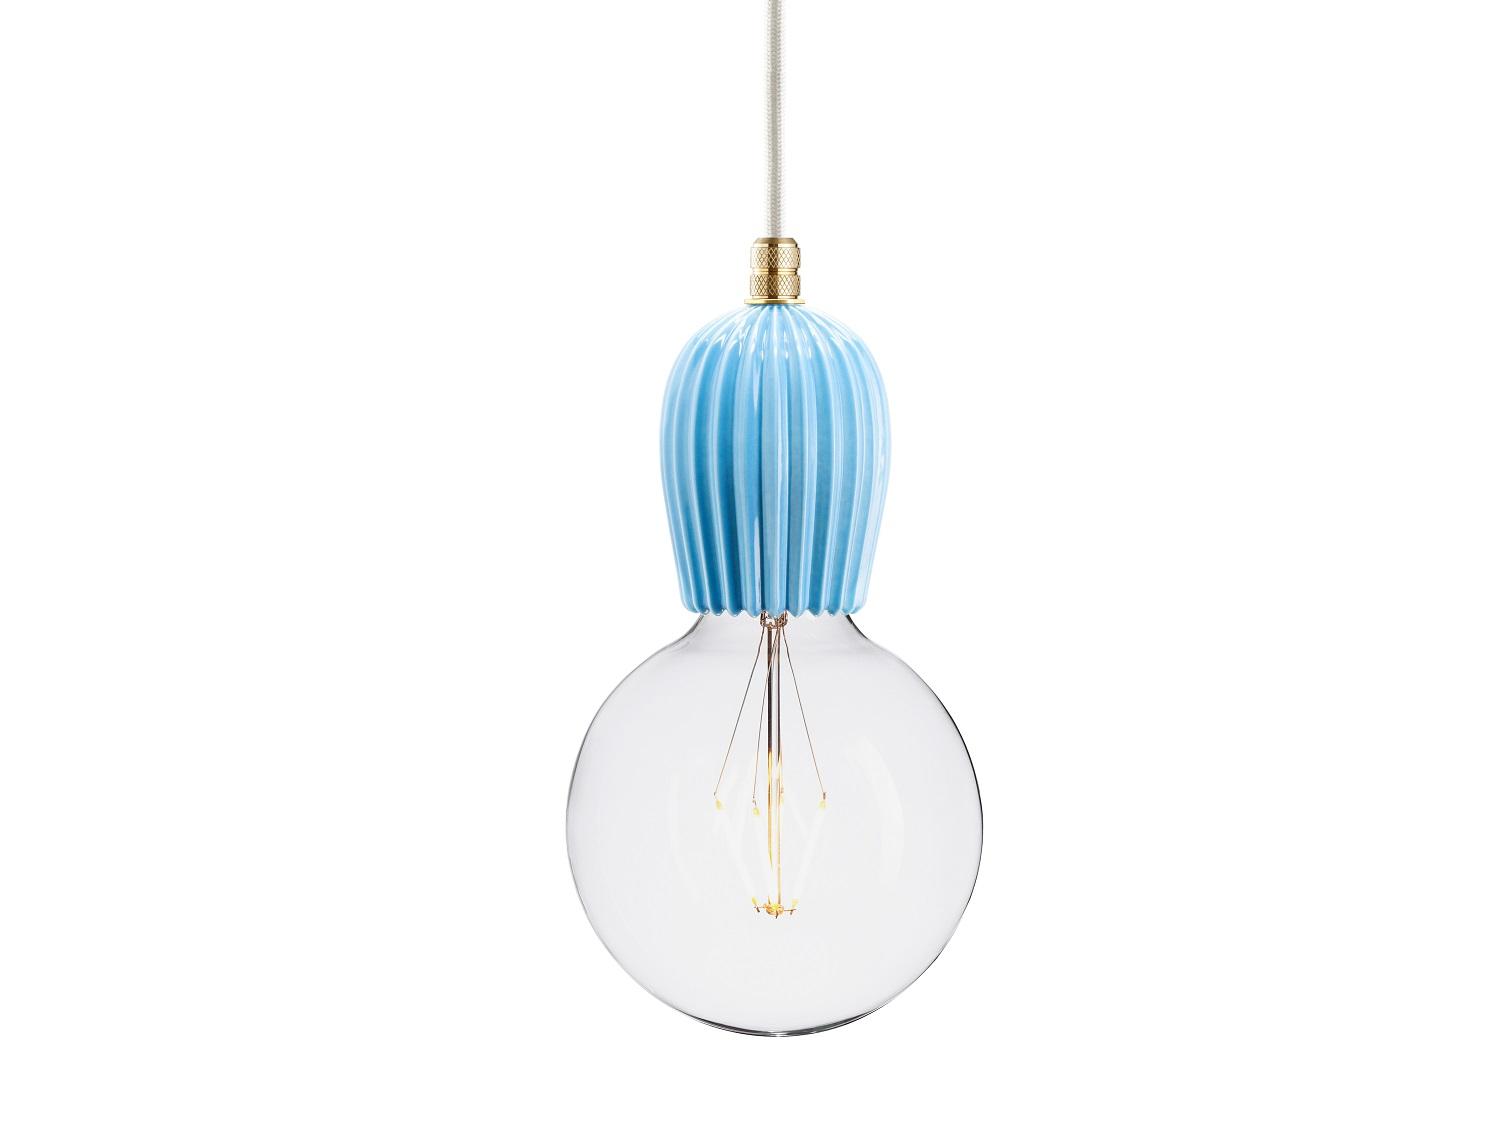 Подвесной светильник AIRПодвесные светильники<br>Подвесной светильник из керамики, доступный в 4-ех цветах: красном, индиго, голубом и лиловом. Два вида фурнитуры: латунь или алюминий.&amp;amp;nbsp;&amp;lt;div&amp;gt;&amp;lt;br&amp;gt;&amp;lt;/div&amp;gt;&amp;lt;div&amp;gt;&amp;lt;div&amp;gt;Вид цоколя: E27&amp;lt;/div&amp;gt;&amp;lt;div&amp;gt;Мощность: 60W&amp;lt;/div&amp;gt;&amp;lt;div&amp;gt;Количество ламп: 1&amp;lt;/div&amp;gt;&amp;lt;div&amp;gt;&amp;lt;br&amp;gt;&amp;lt;/div&amp;gt;&amp;lt;/div&amp;gt;<br><br>Material: Керамика<br>Высота см: 10